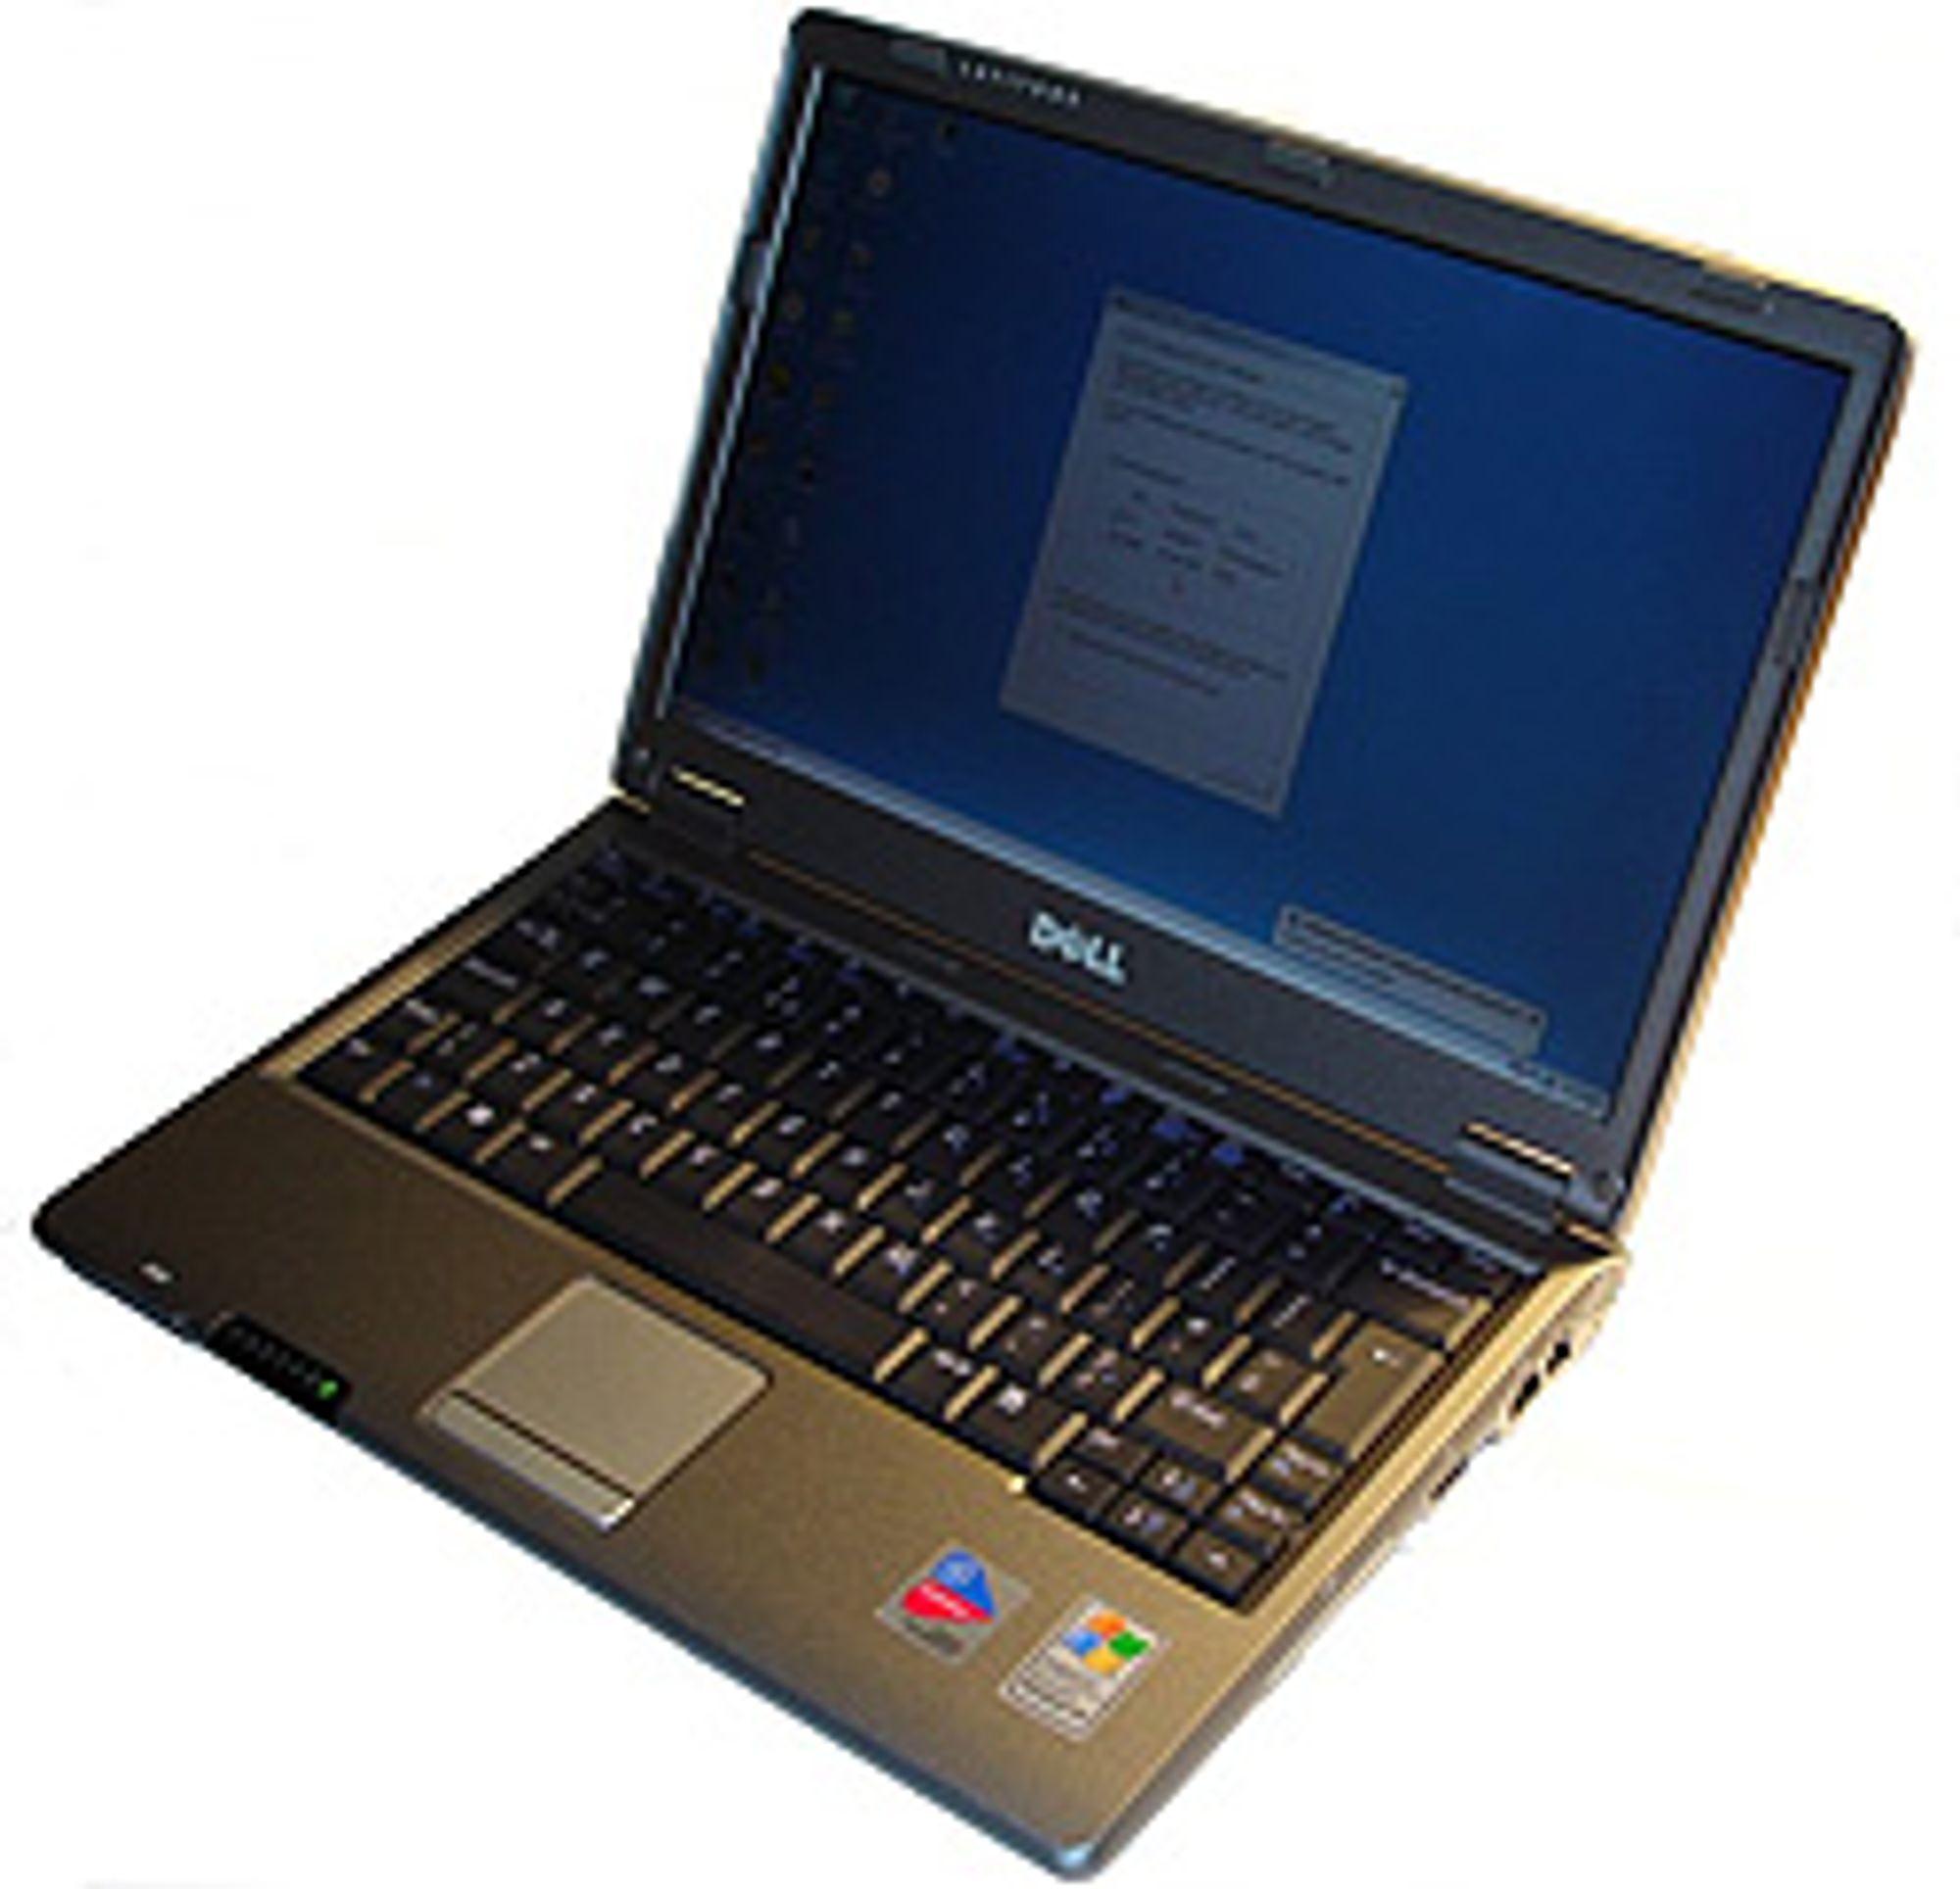 Dell planlegger å lage en ny billig-PC. (Illustrasjonsbilde: Knut Paulsen)